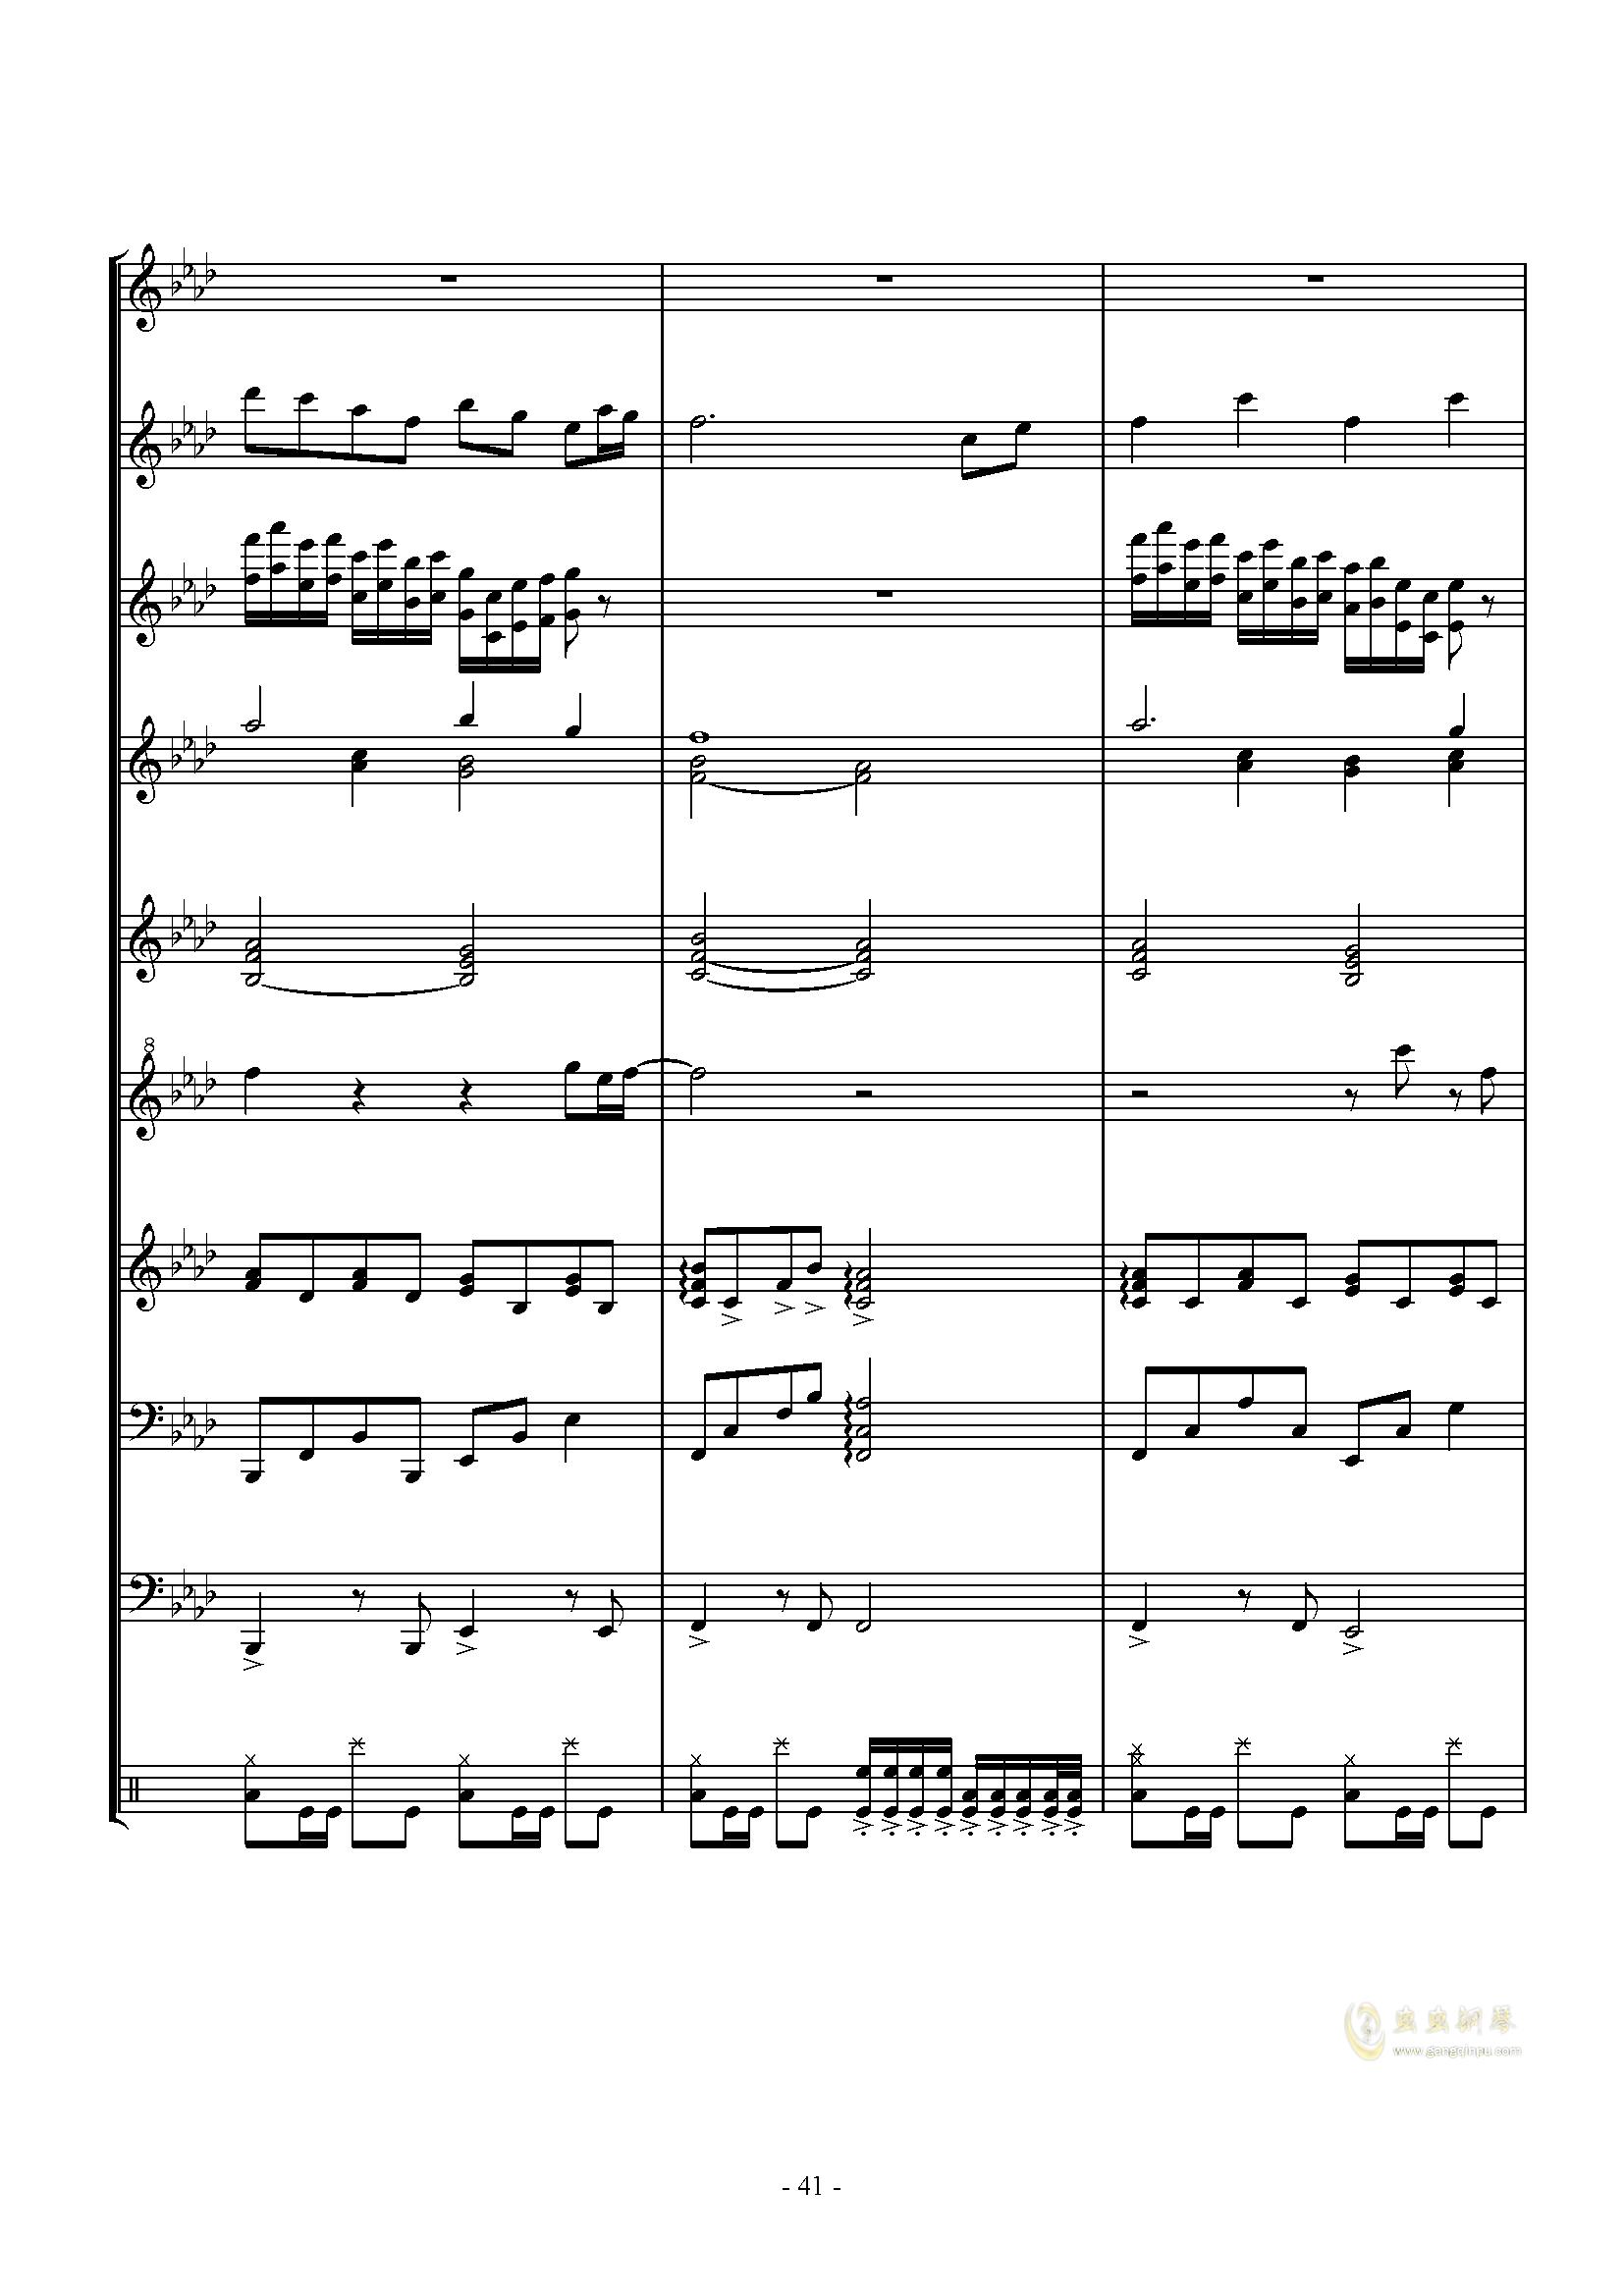 キミガタメ钢琴谱 第41页